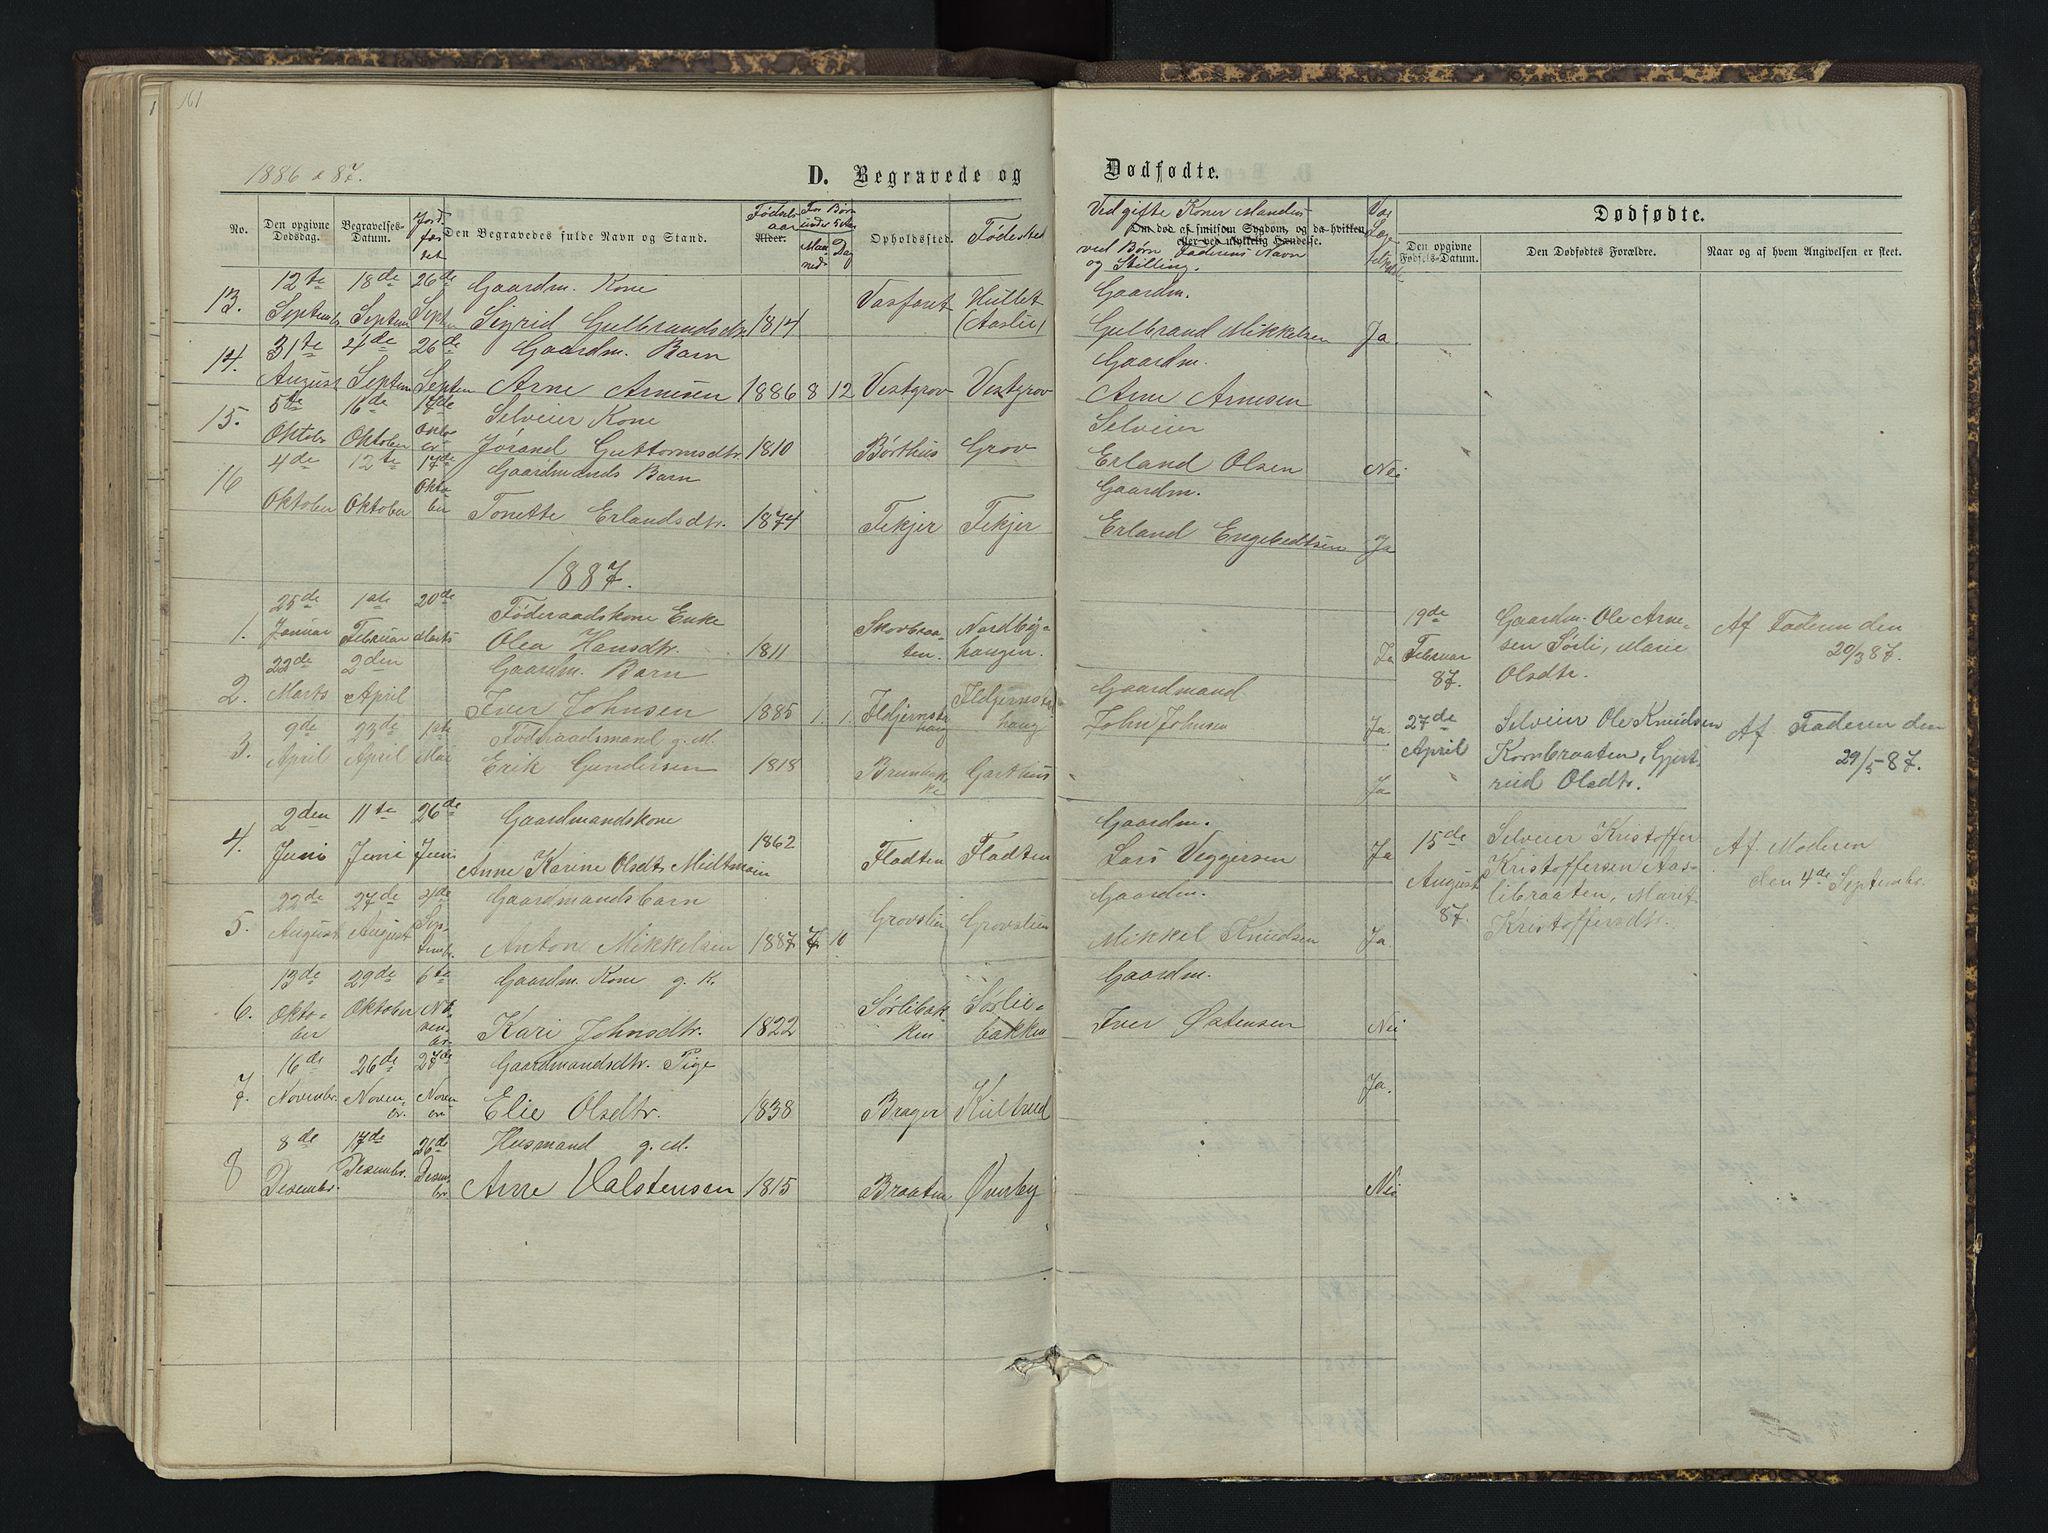 SAH, Sør-Aurdal prestekontor, Klokkerbok nr. 4, 1865-1893, s. 161